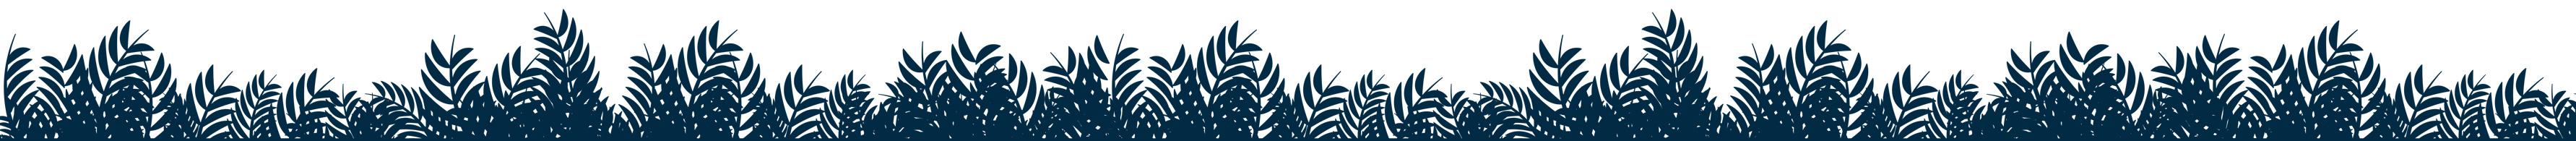 Blue Ferns